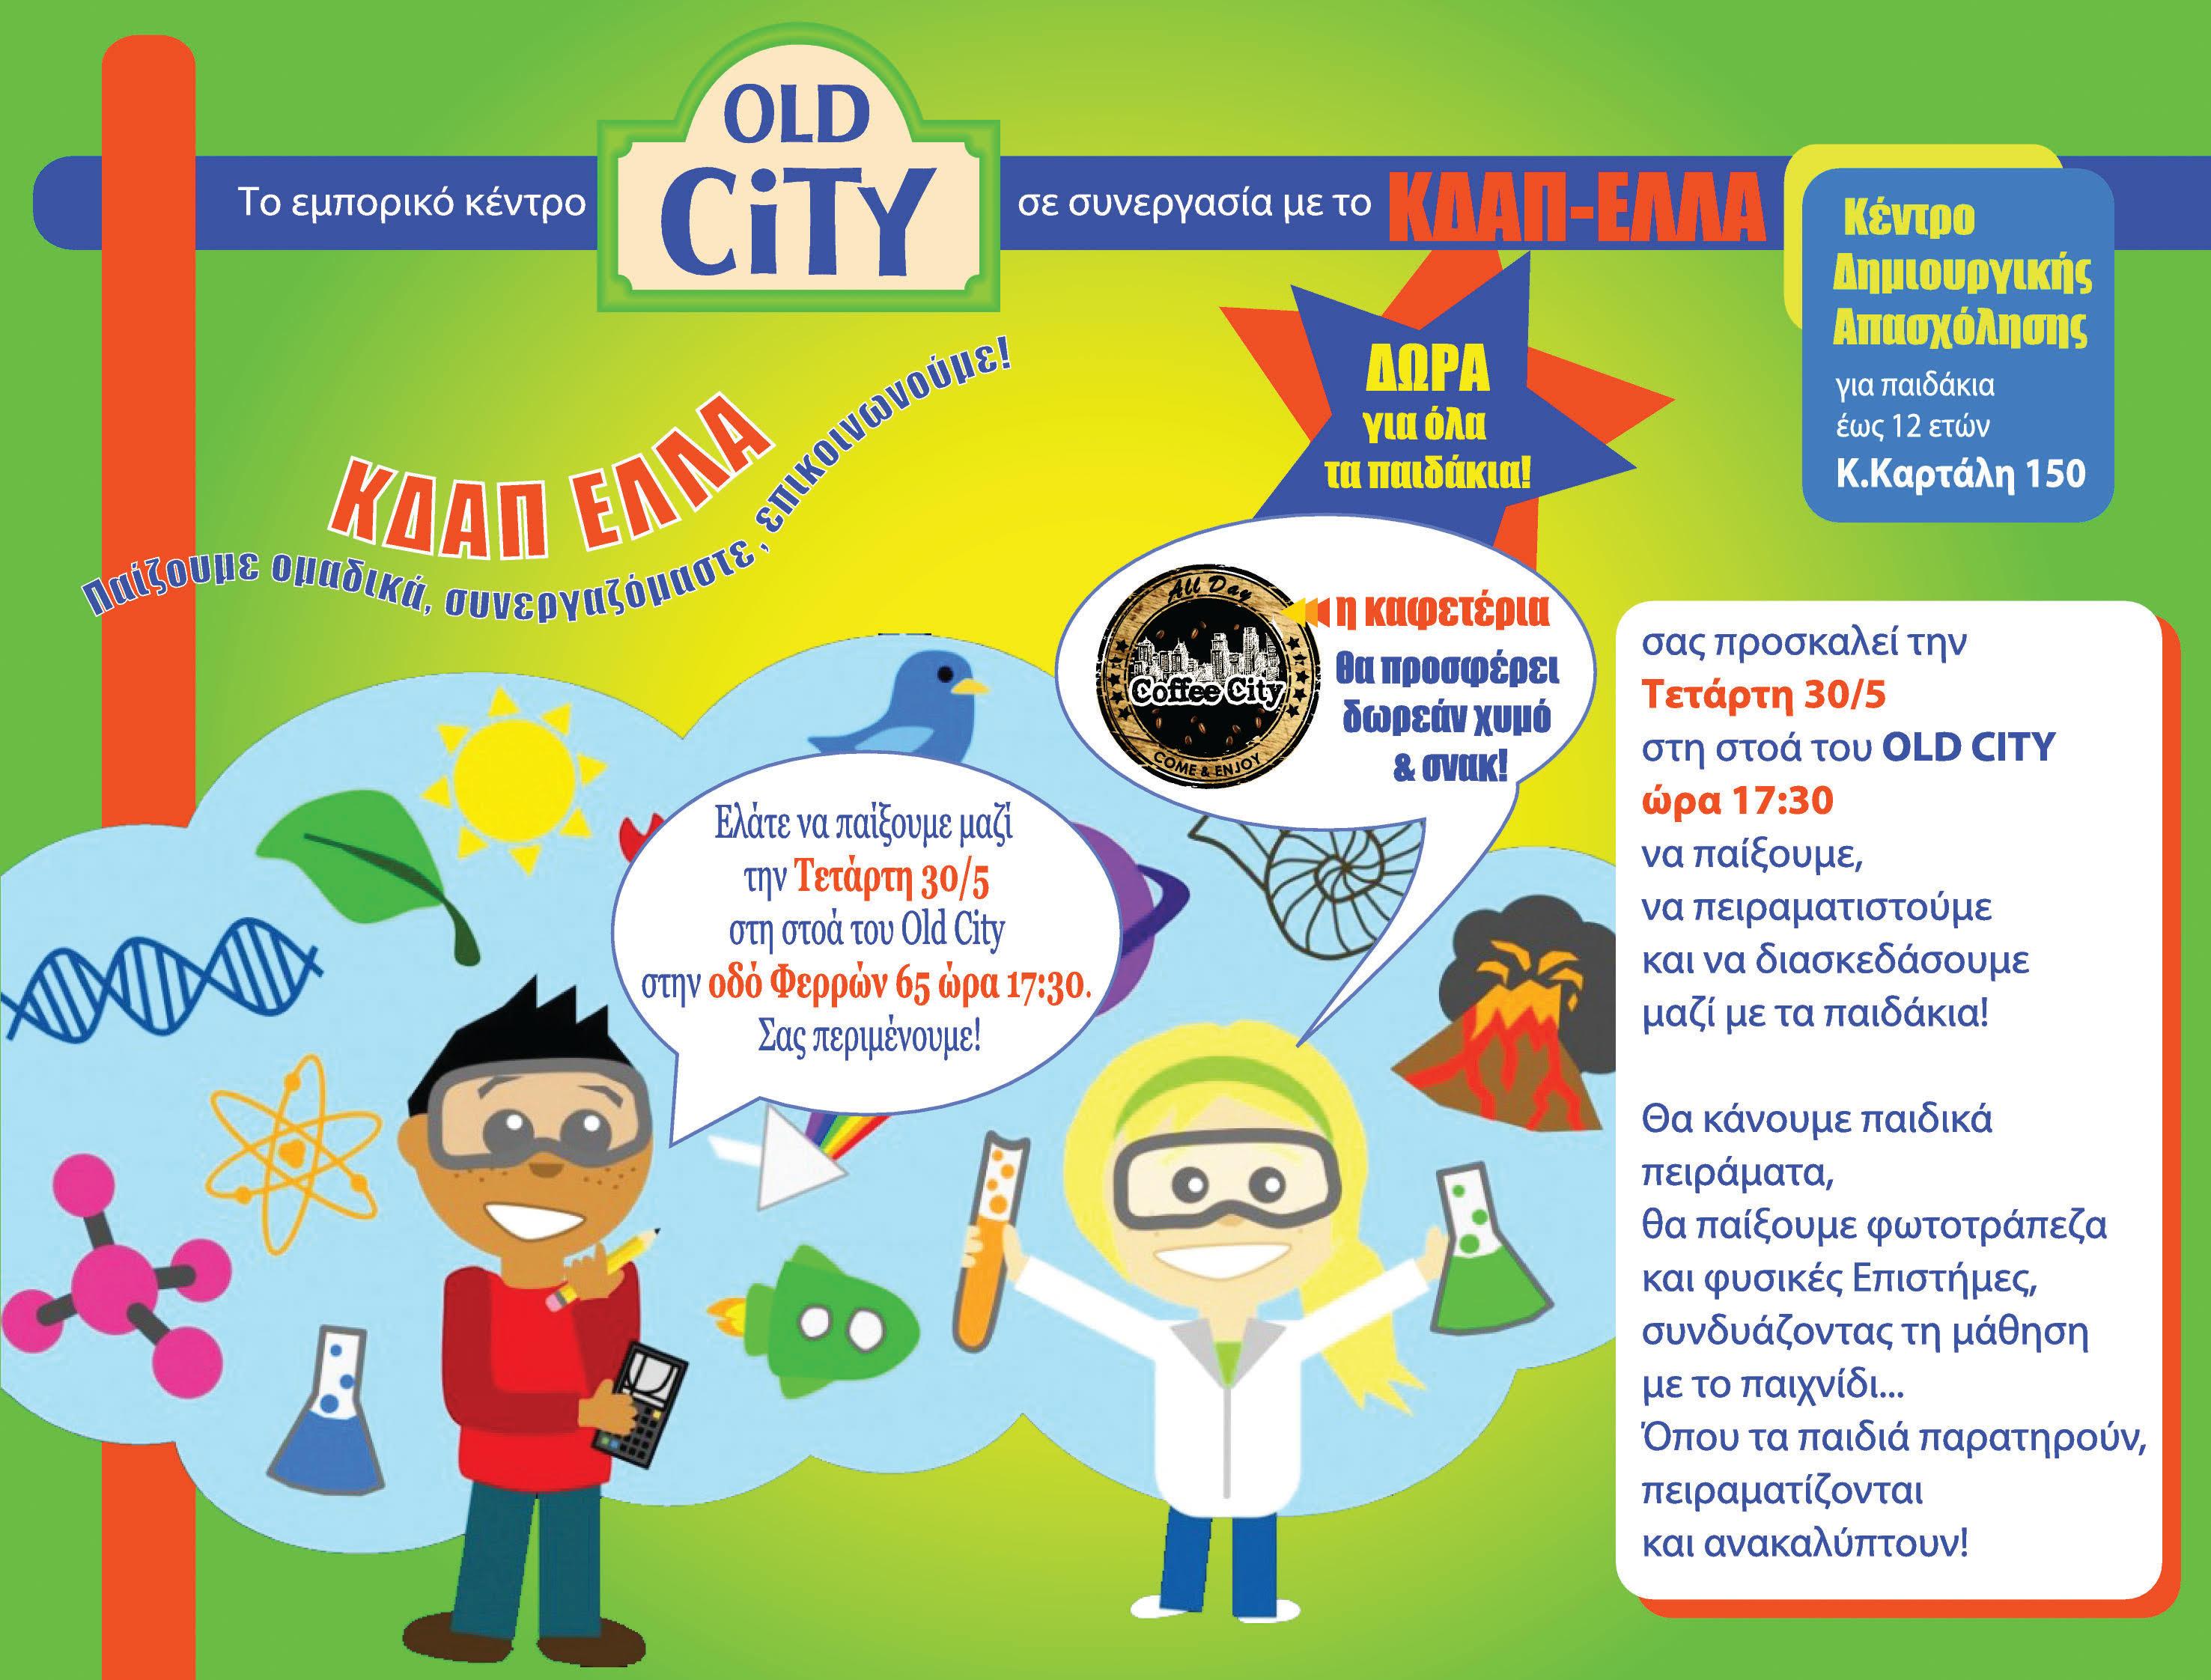 Το εμπορικό κέντρο OLD CITY σε συνεργασία με το ΚΔΑΠ-ΕΛΛΑ σας προσκαλεί τη Τετάρτη 30/5 στη στοά του OLD CITY